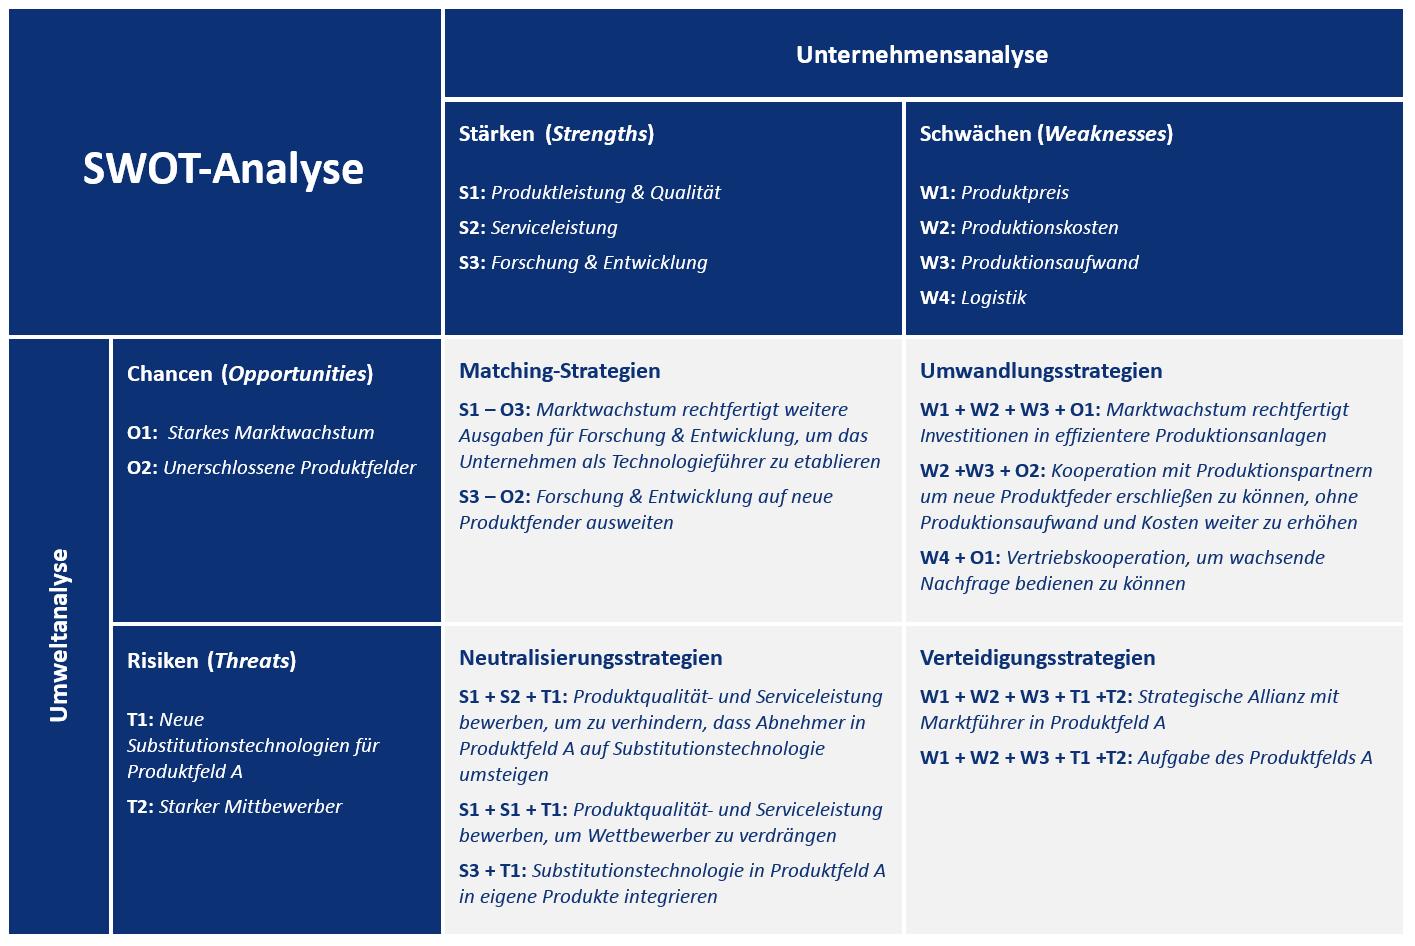 SWOT-Analyse | So erstellen Sie eine Positionsanalyse - 1&1